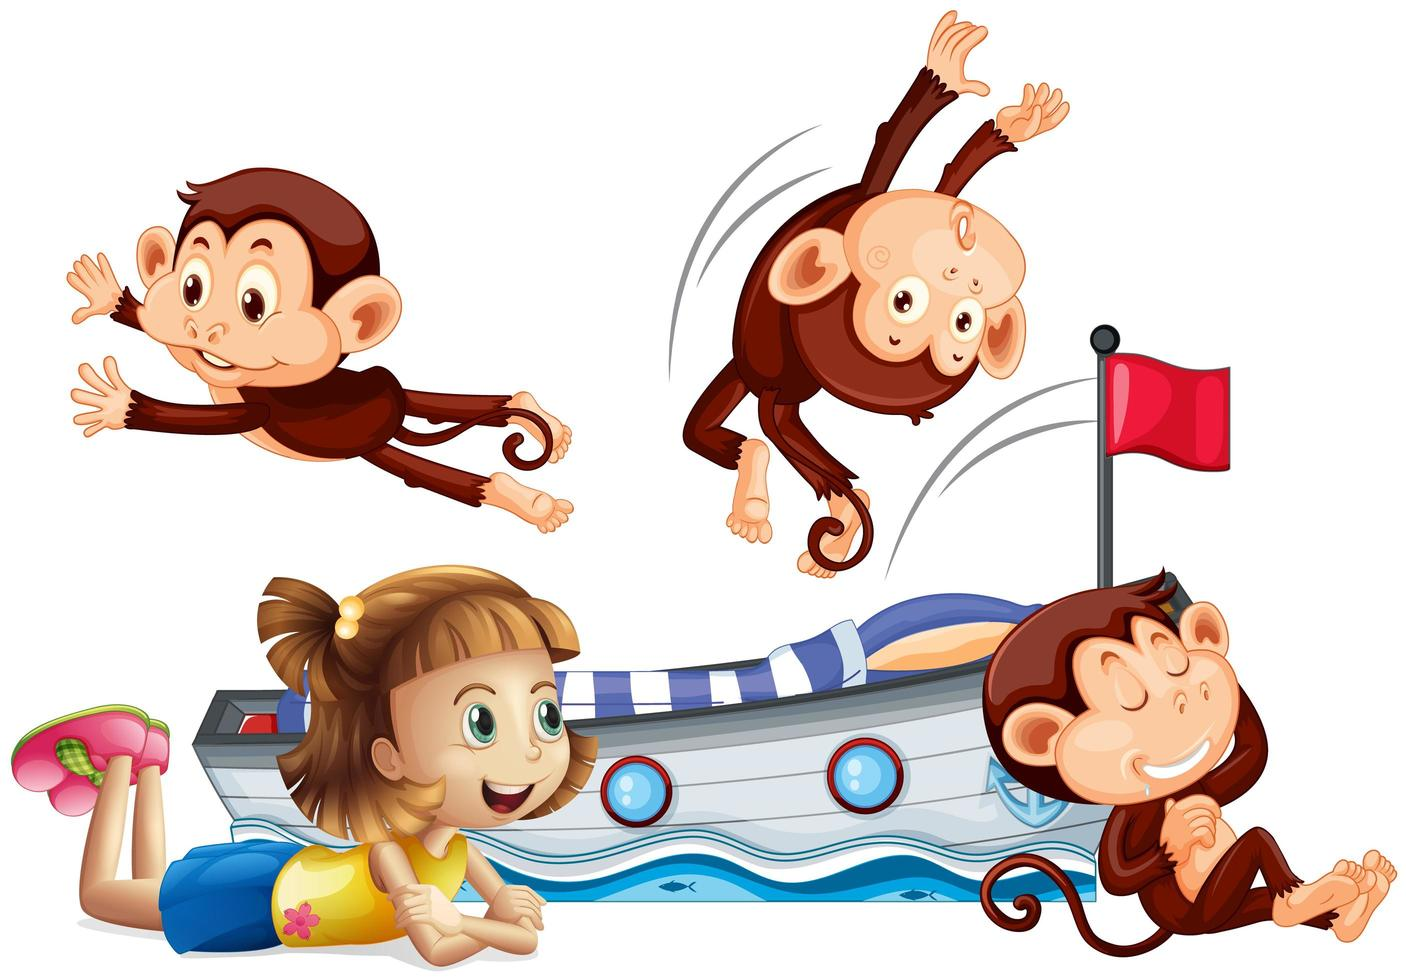 niña y monos felices saltando en la cama vector